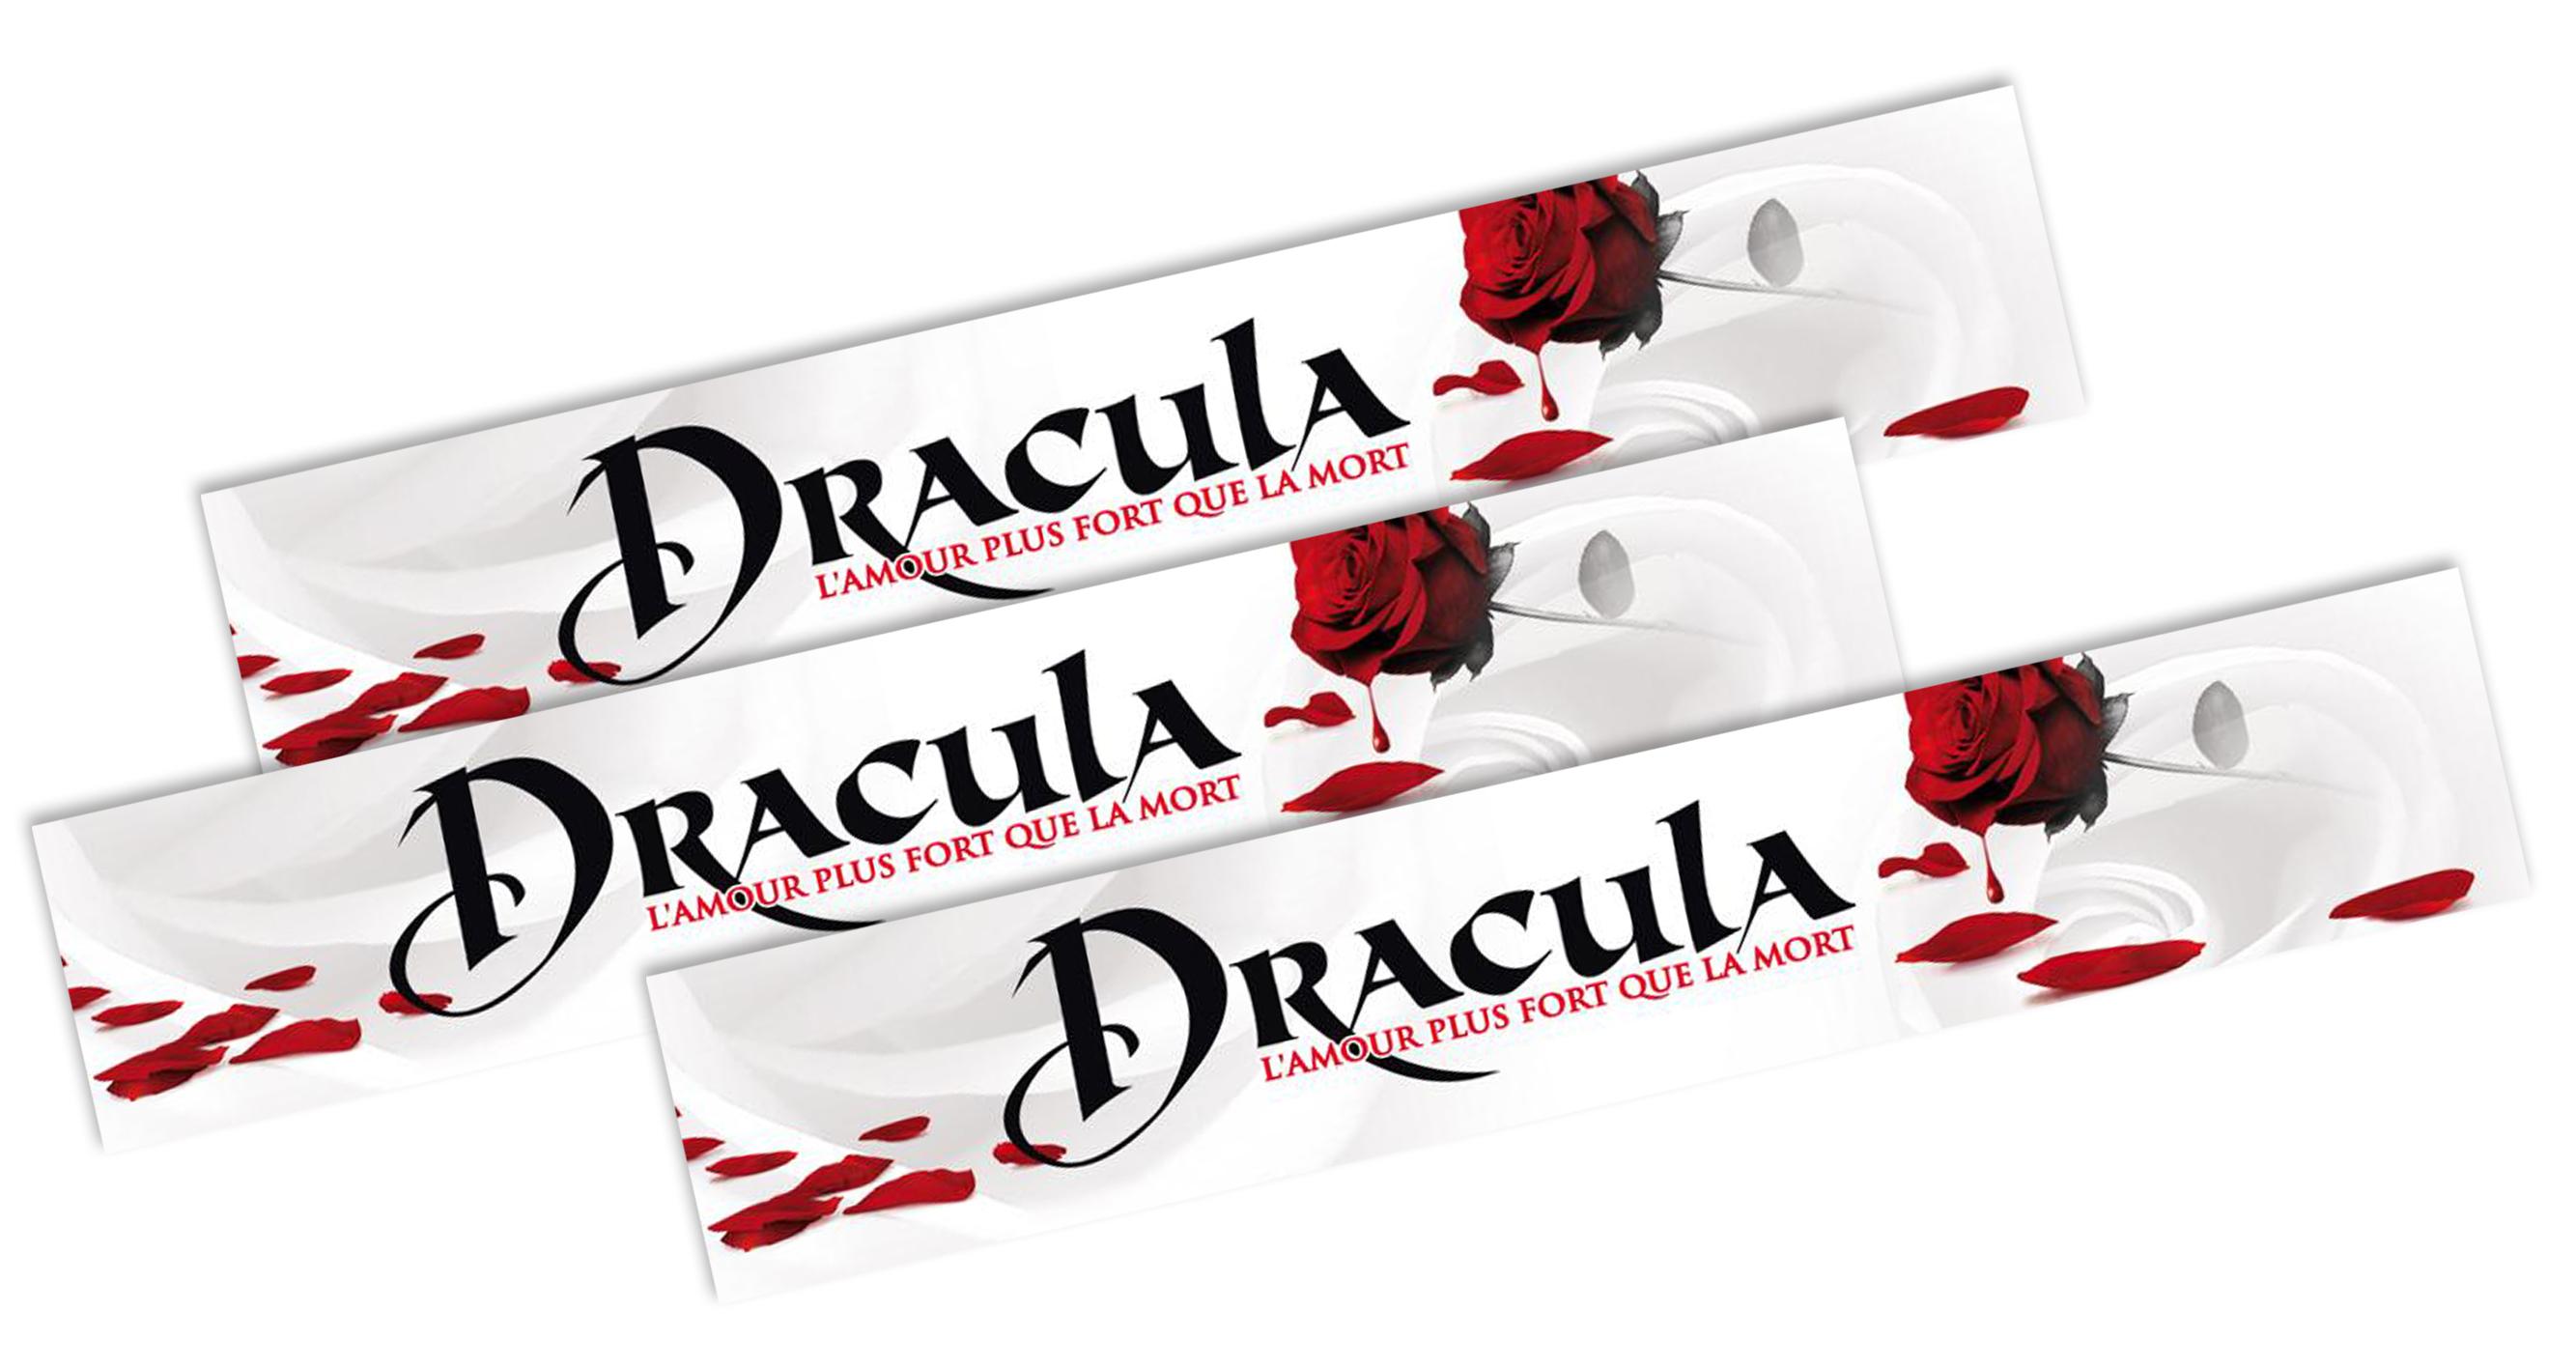 Partenariat de co-branding avec échange marchandise et jeu-concours Dracula-Monceau Fleurs